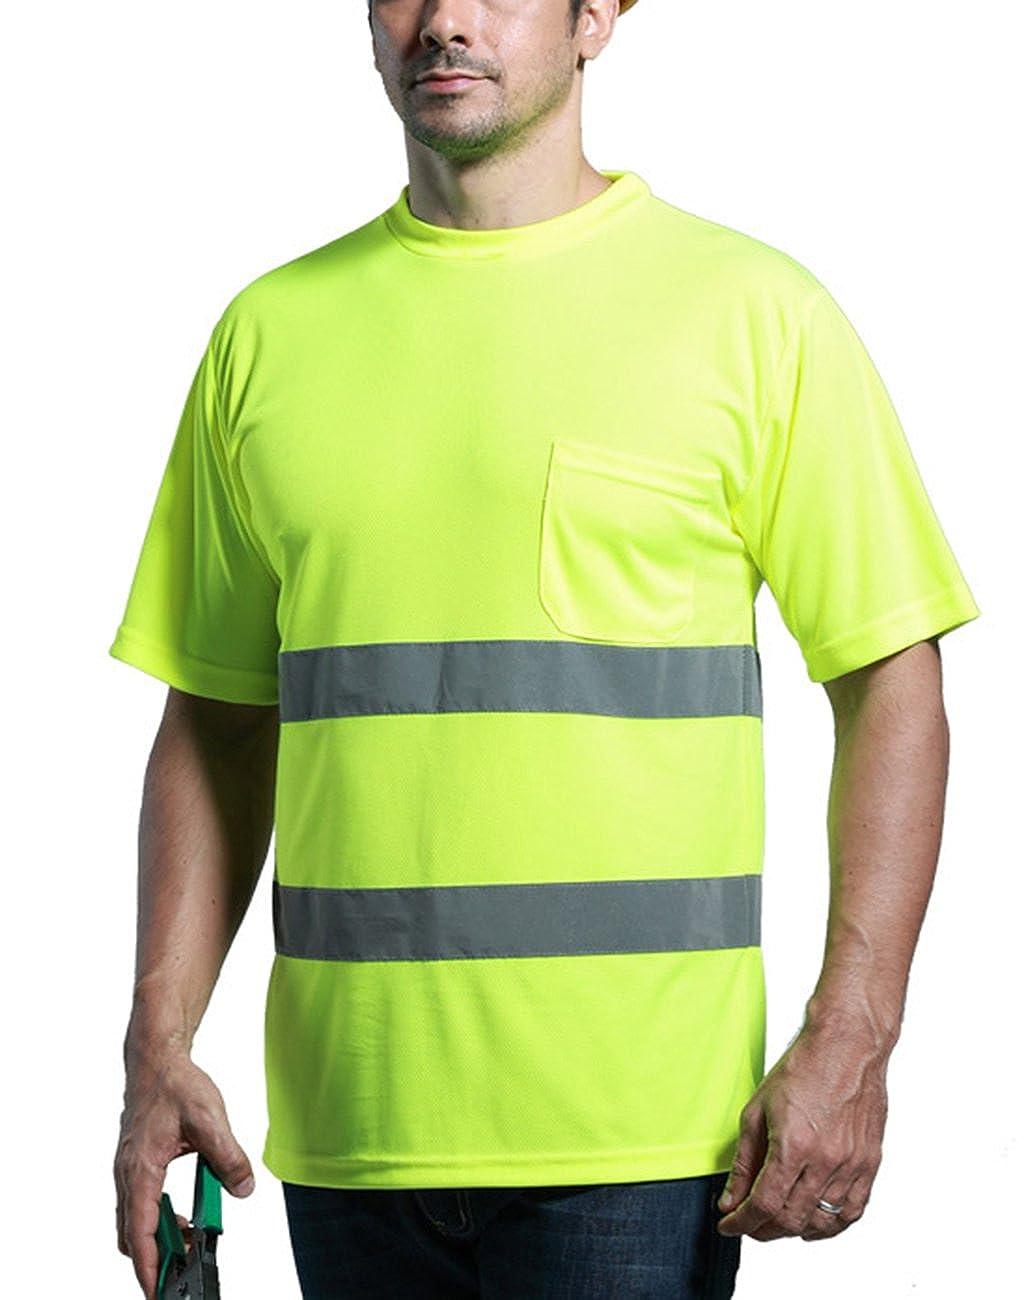 5eee5432e7f6 Herren Atmungsaktiv Warnshirt Warn T Shirt Hemd mit hoher Sichtbarkeit  Sicherheitshirt Größe M Fluoreszenz Gelb  Amazon.de  Bekleidung